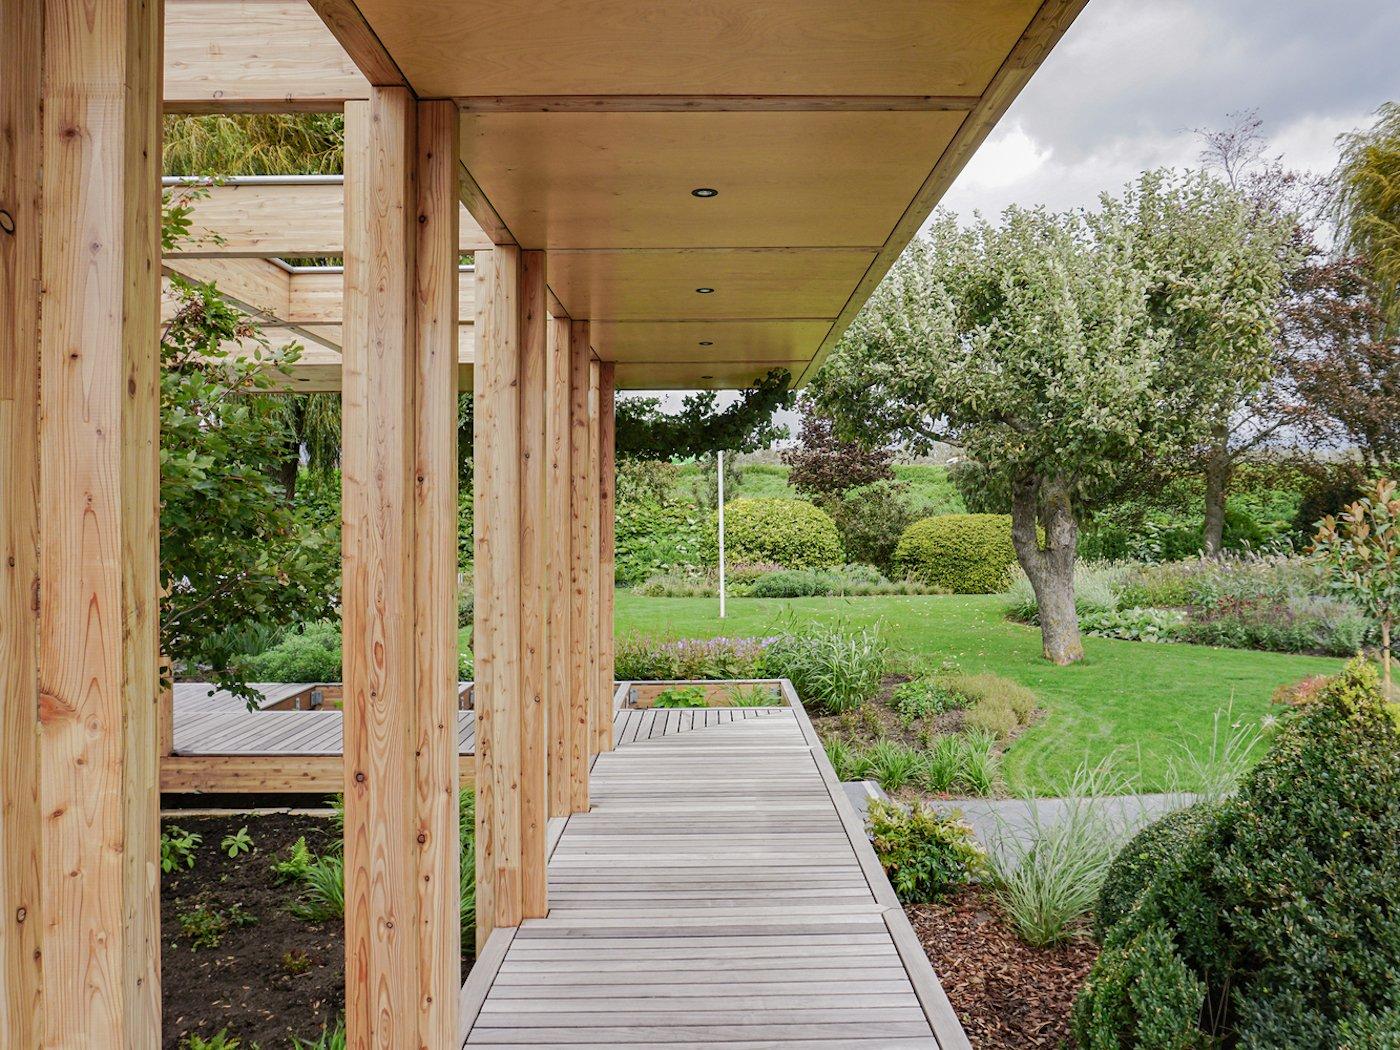 Timber deck and timber awning looking towards garden